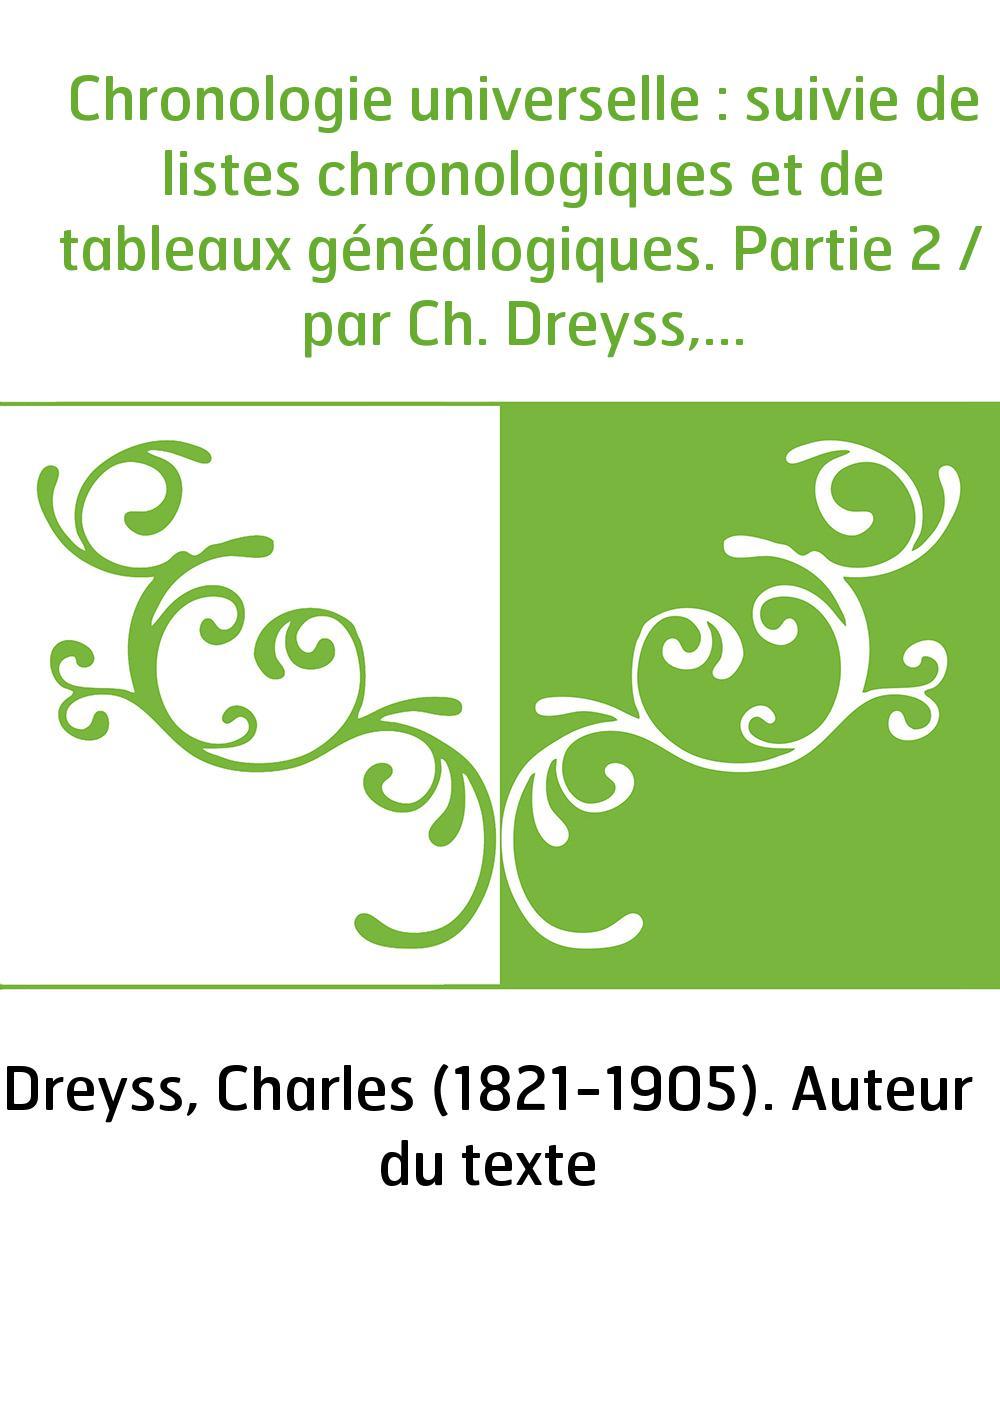 Chronologie universelle : suivie de listes chronologiques et de tableaux généalogiques. Partie 2 / par Ch. Dreyss,...